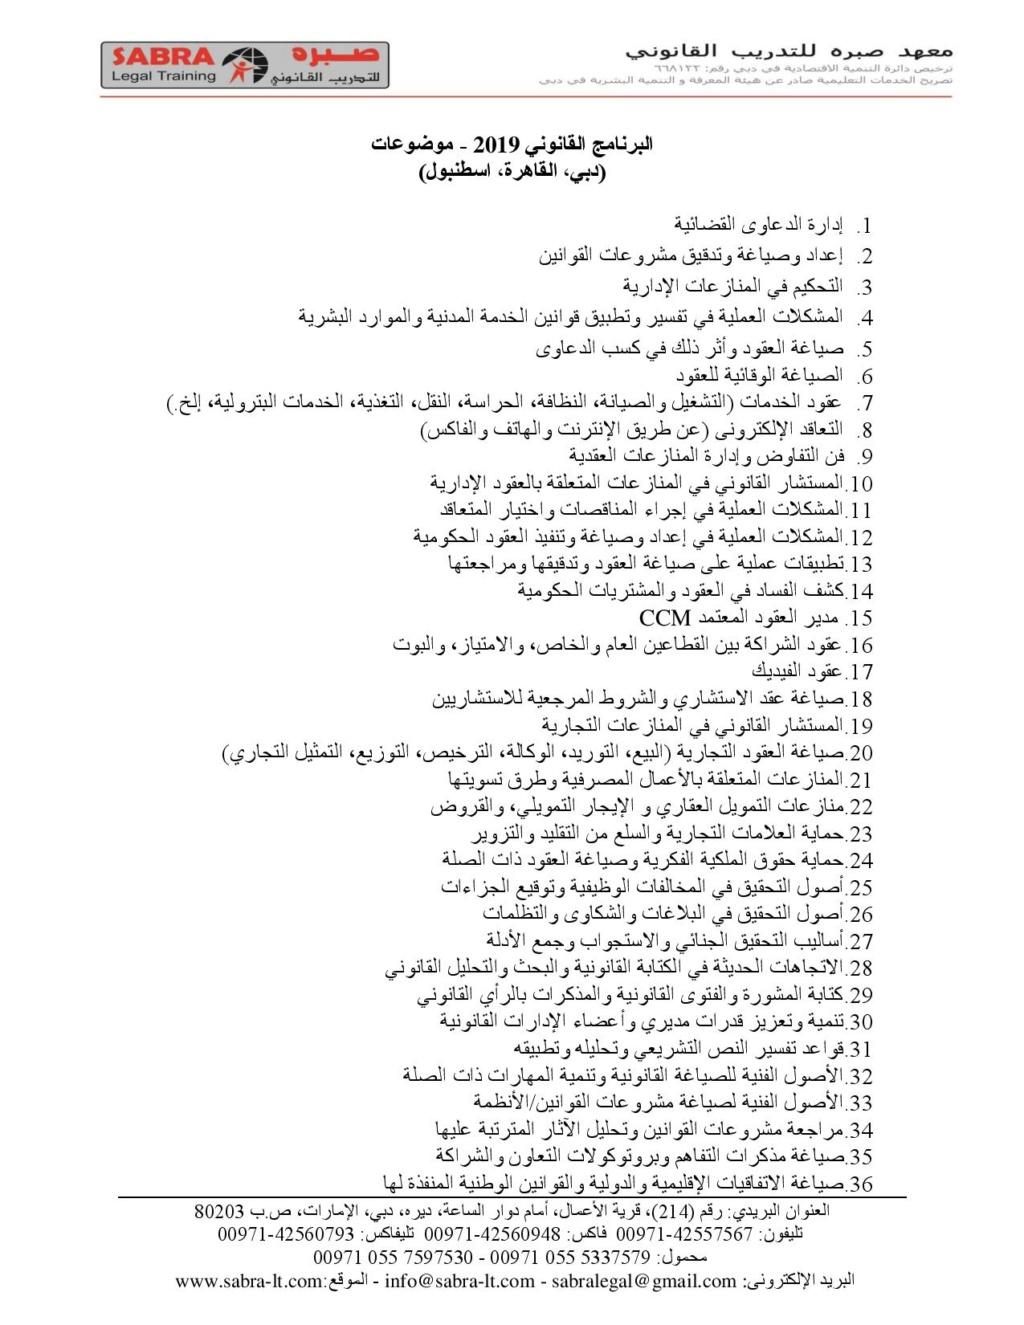 البرنامج القانوني لعام 2019 Aoaay_17